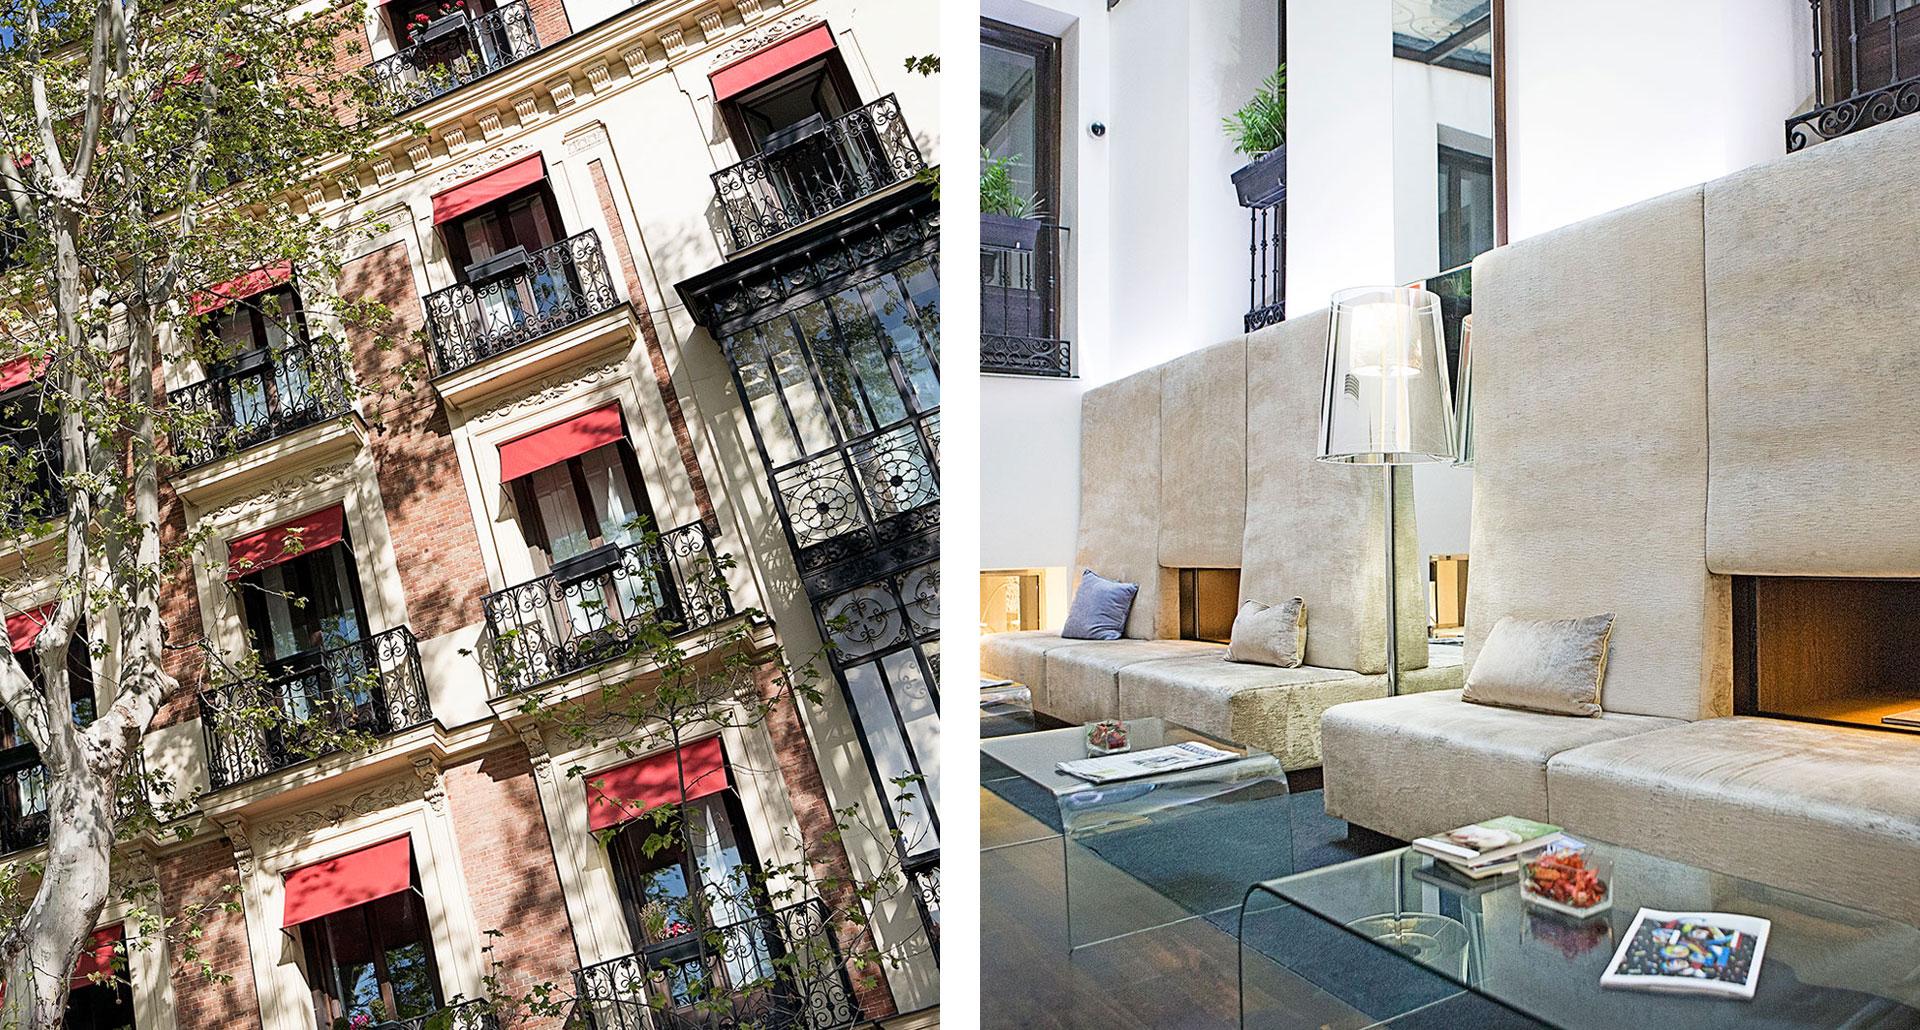 Hospes Puerta de Alcala - boutique hotel in Madrid